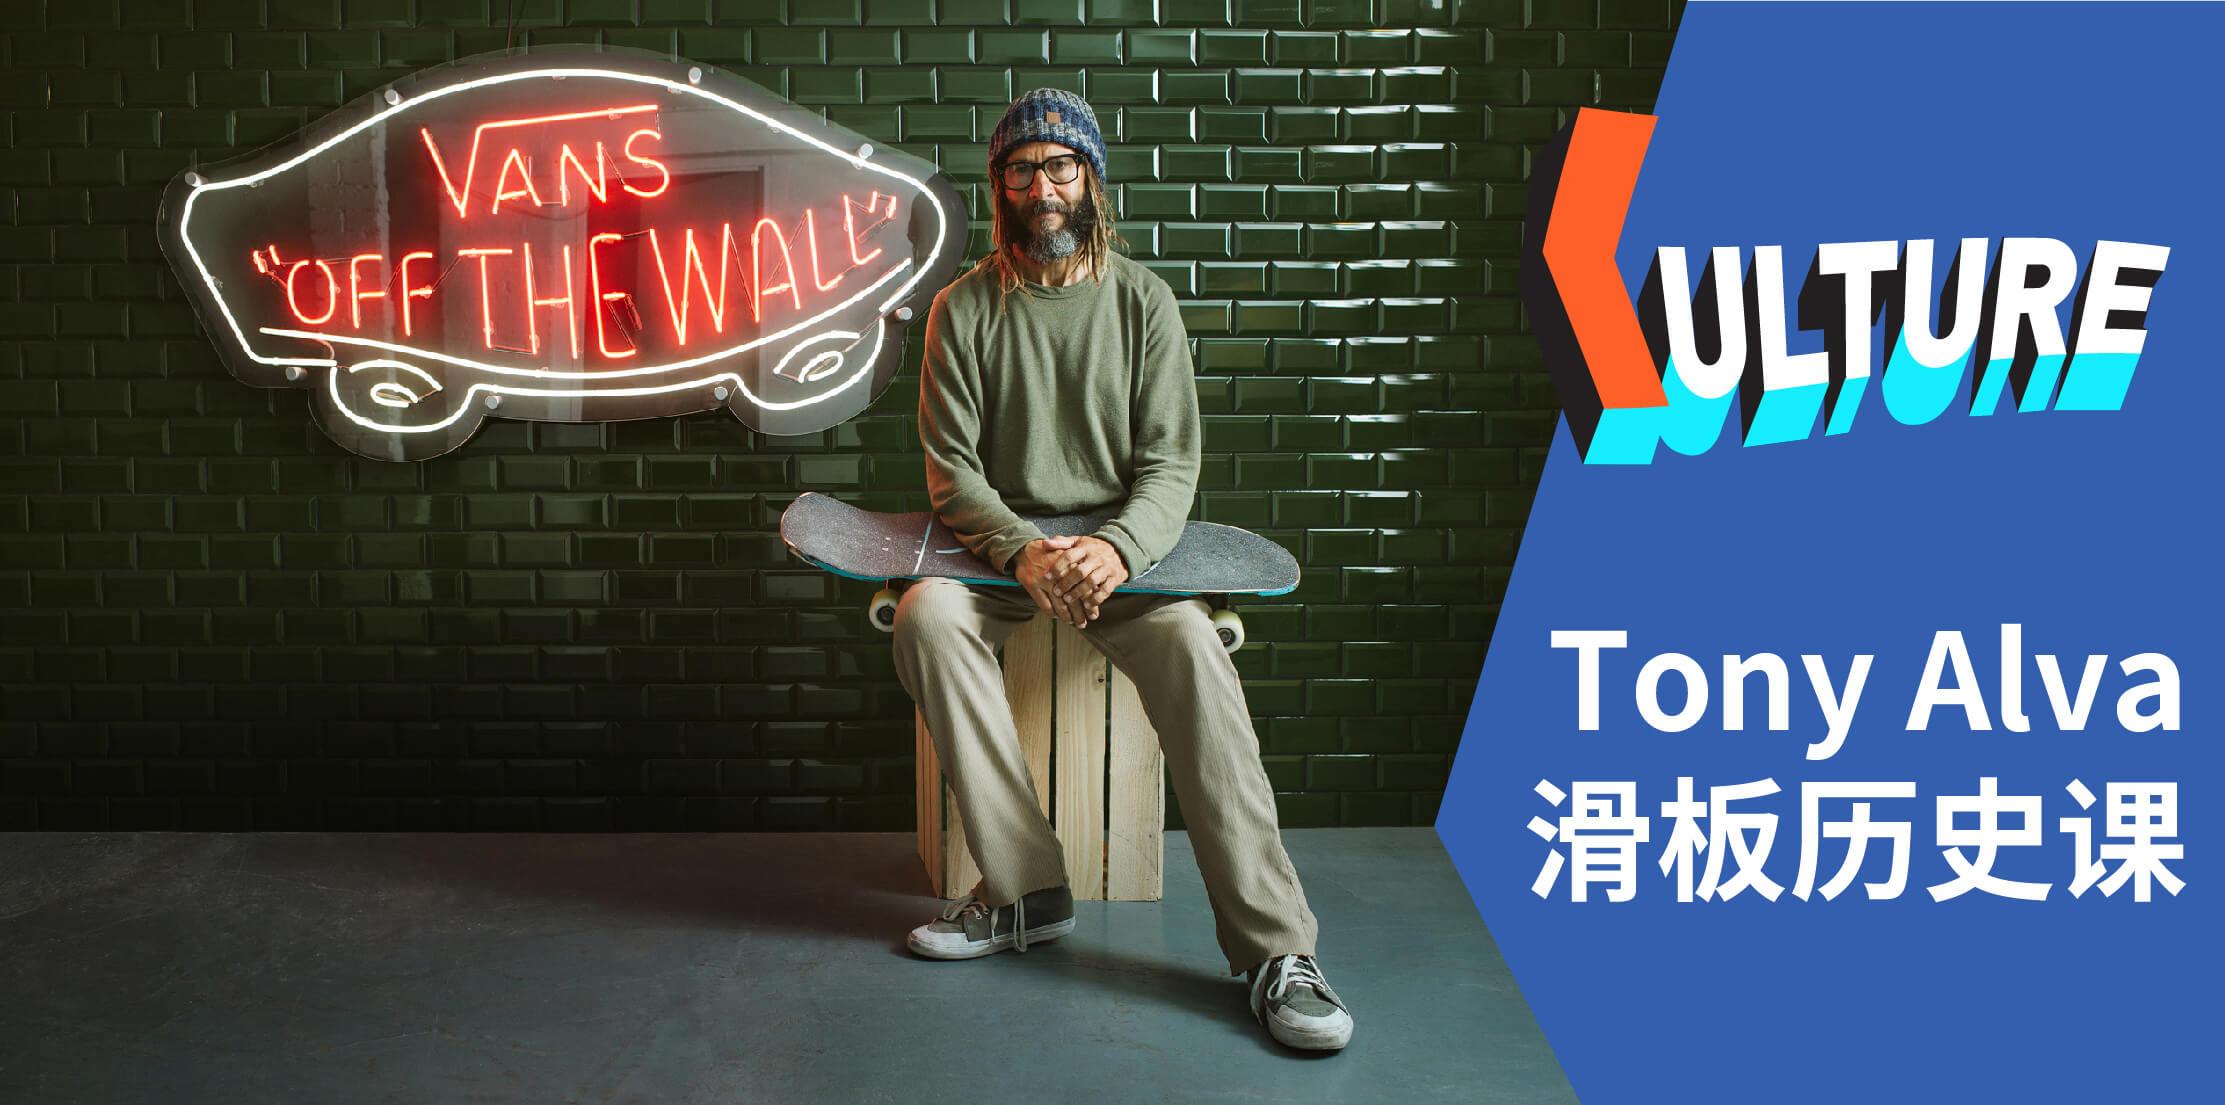 #中文字幕# 狗镇之主 Tony Alva 教授的滑板历史课